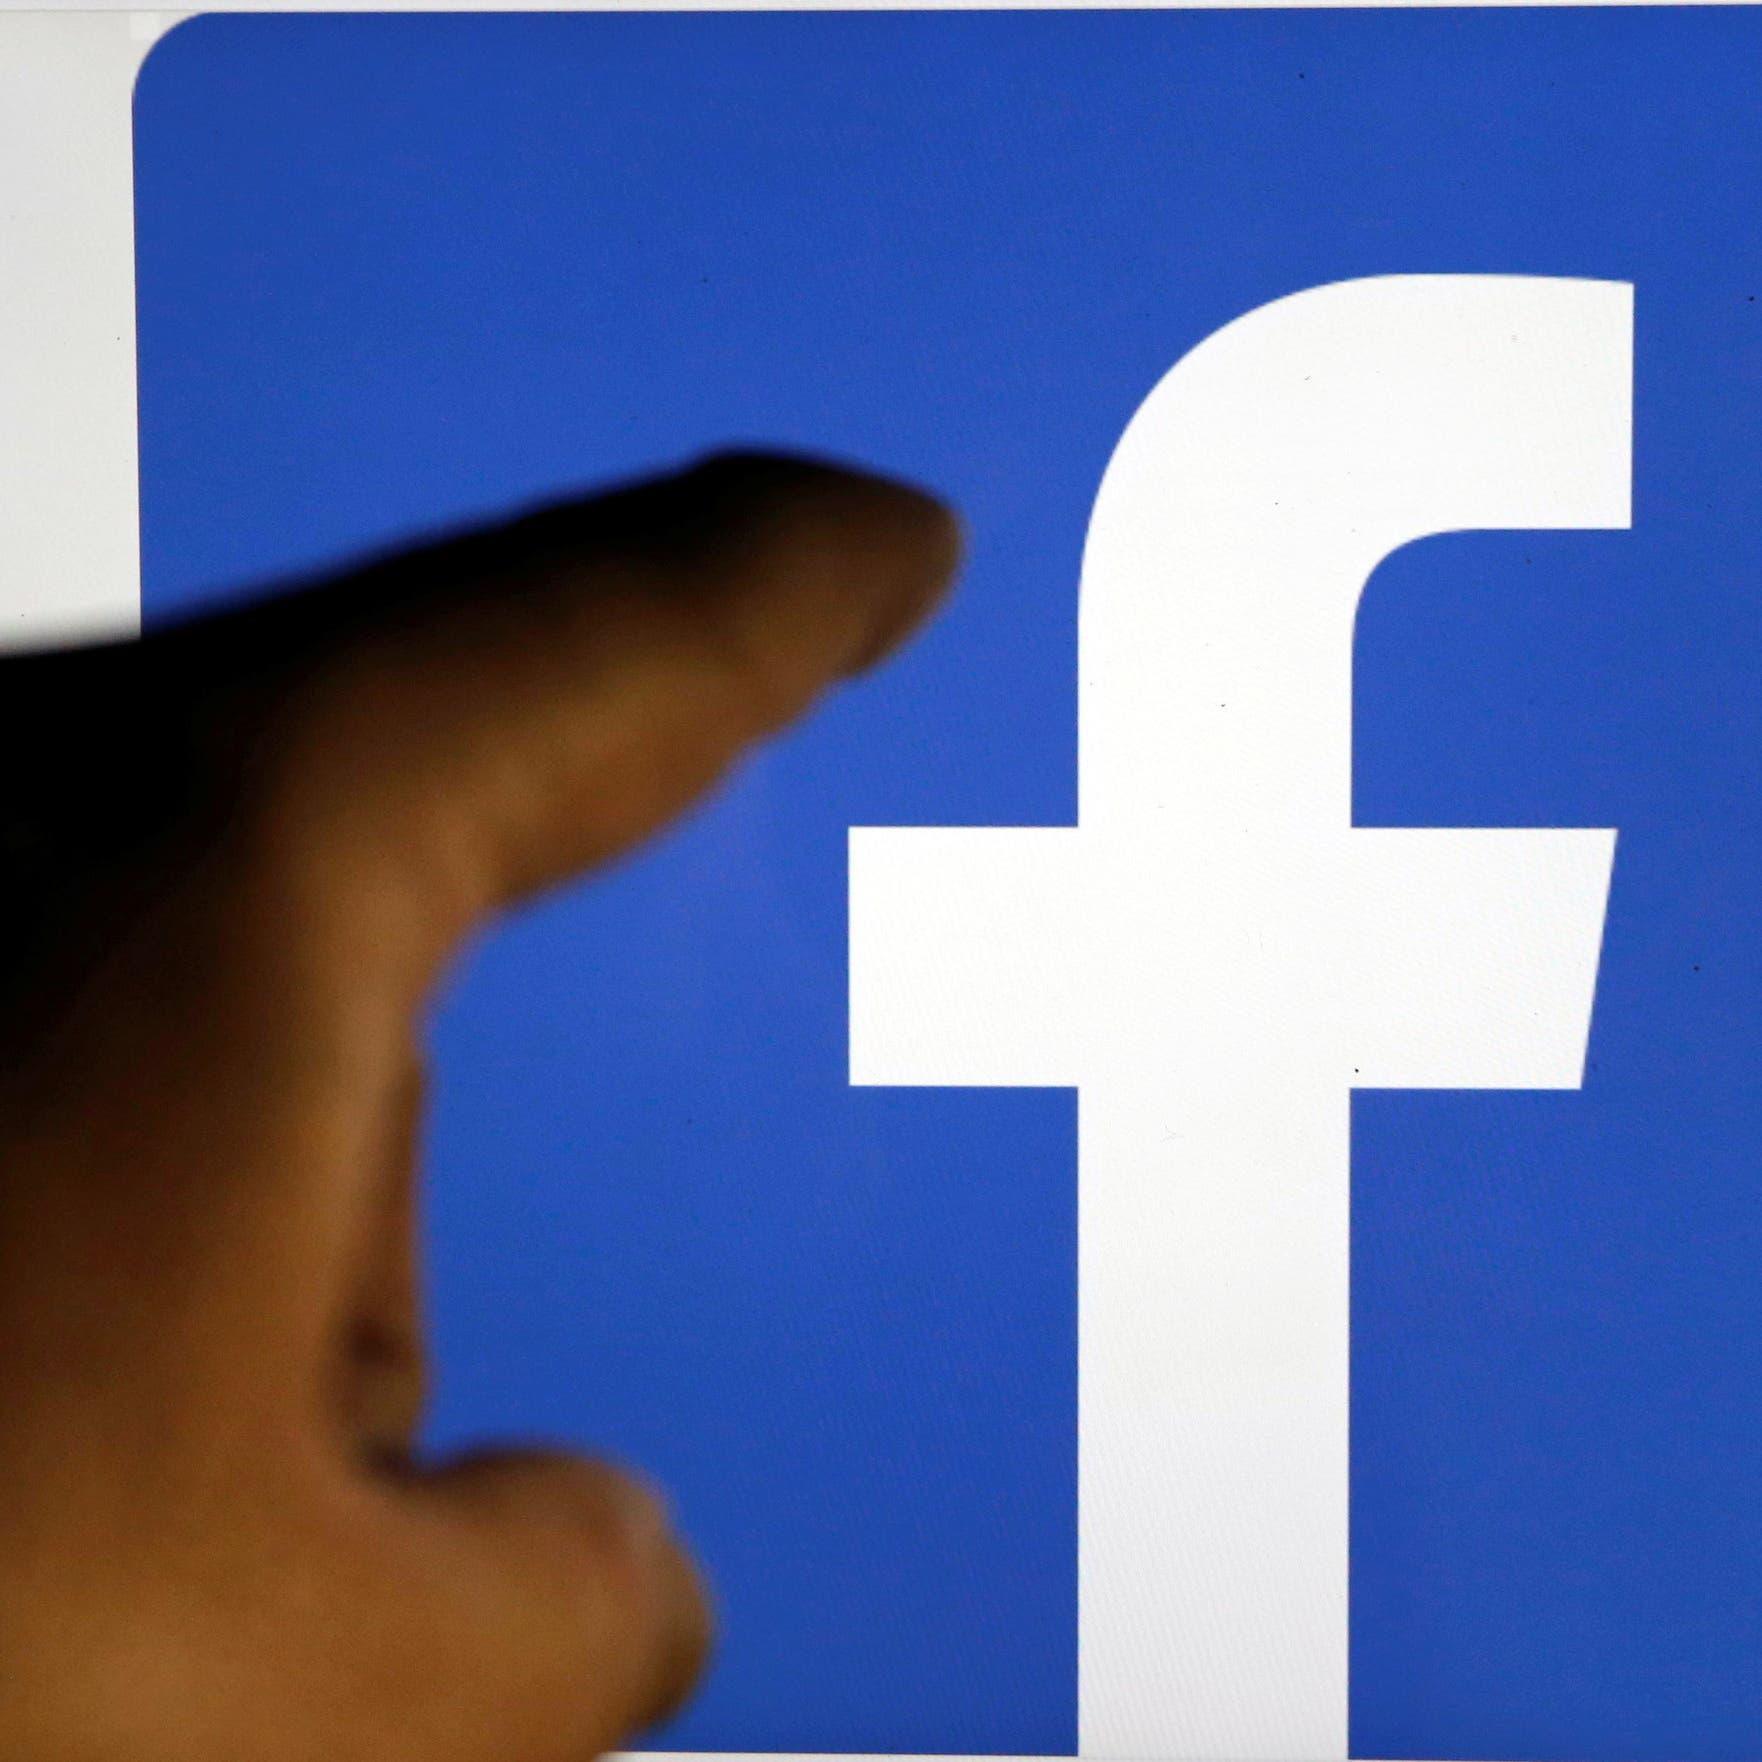 إلغاء مشبوه لحسابات باحثين يضع فيسبوك في مرمى النيران مجدداً